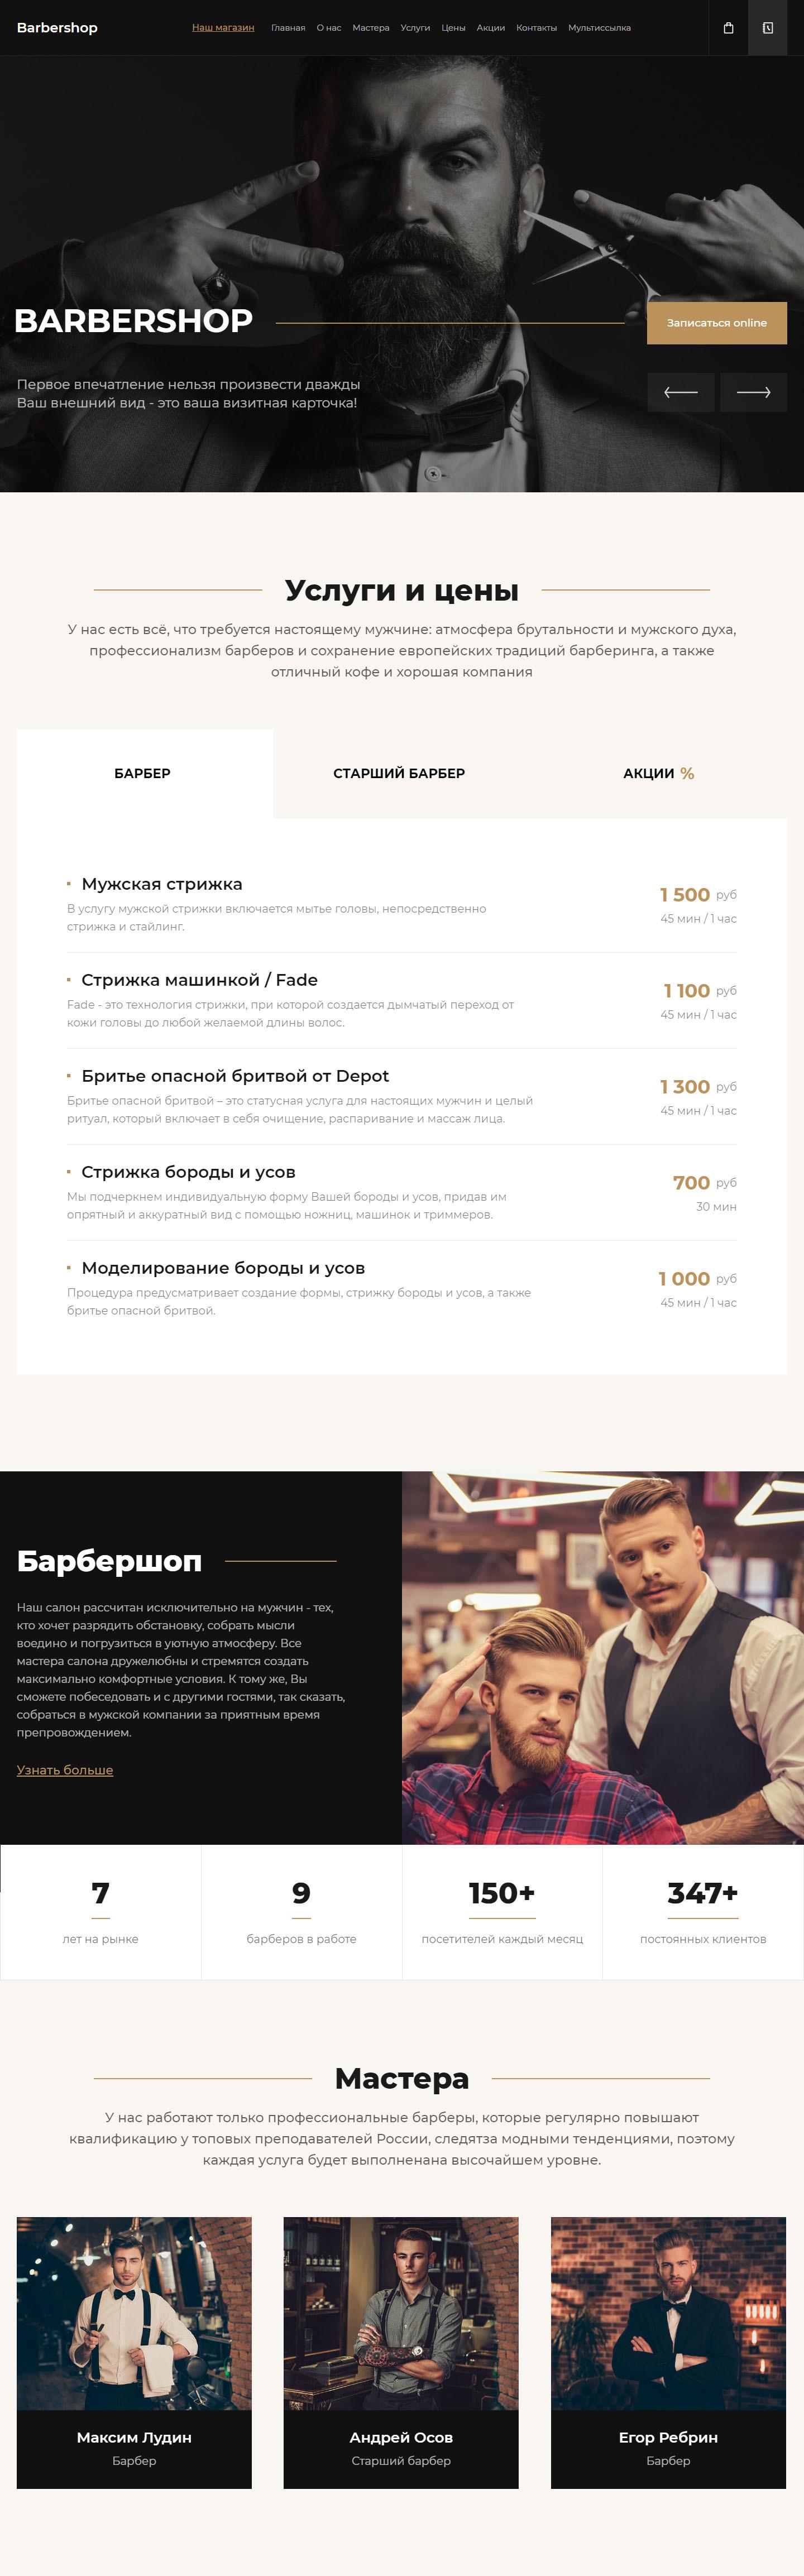 Готовый Интернет-магазин № 3281840 - Мини-магазин. Барбершоп (Главная)